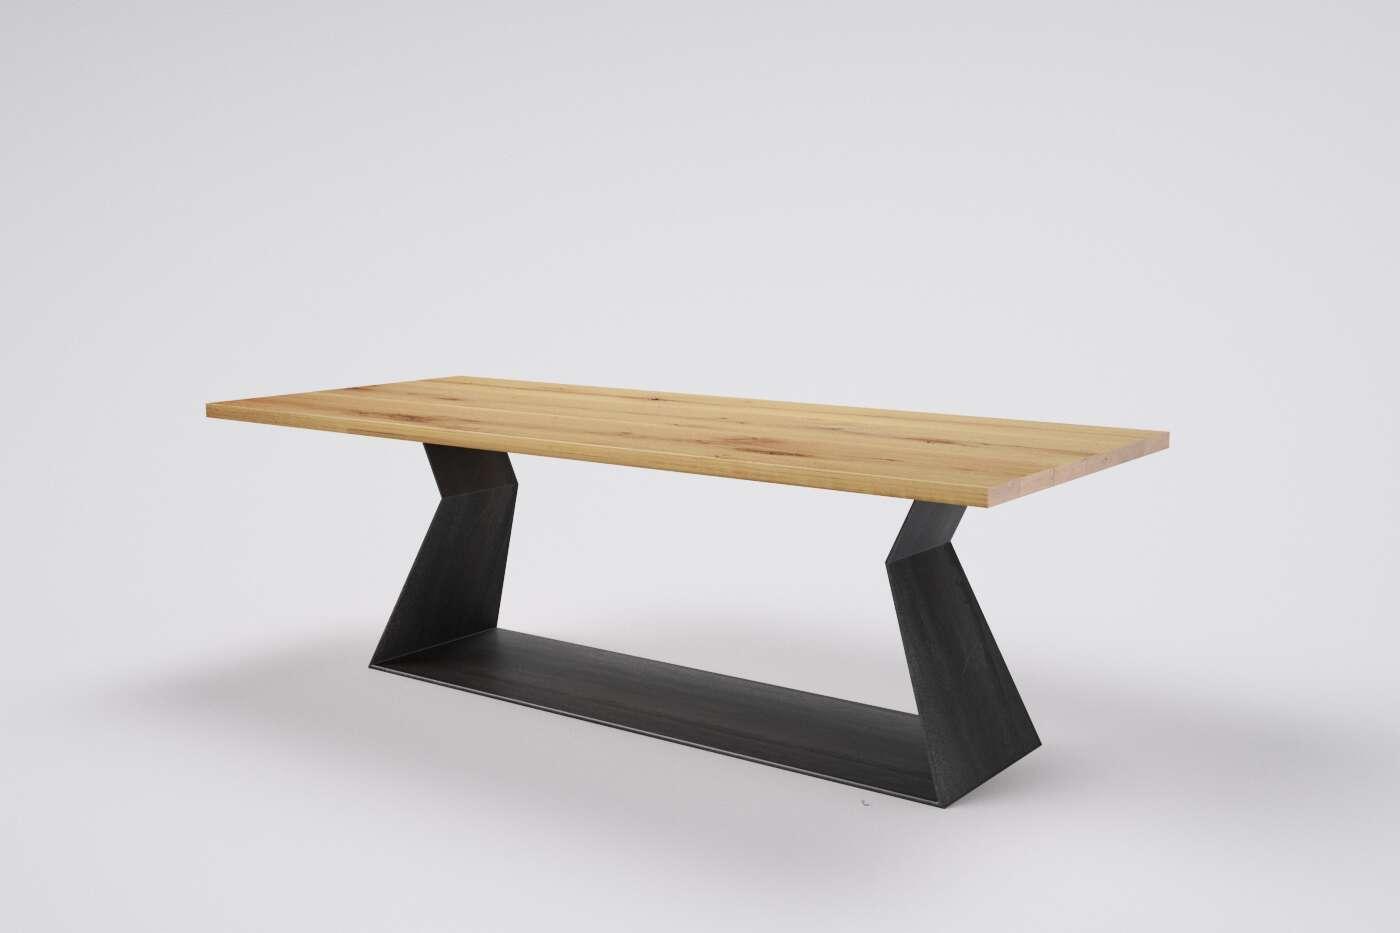 Massivholz Tisch Eiche | Wohnsektion